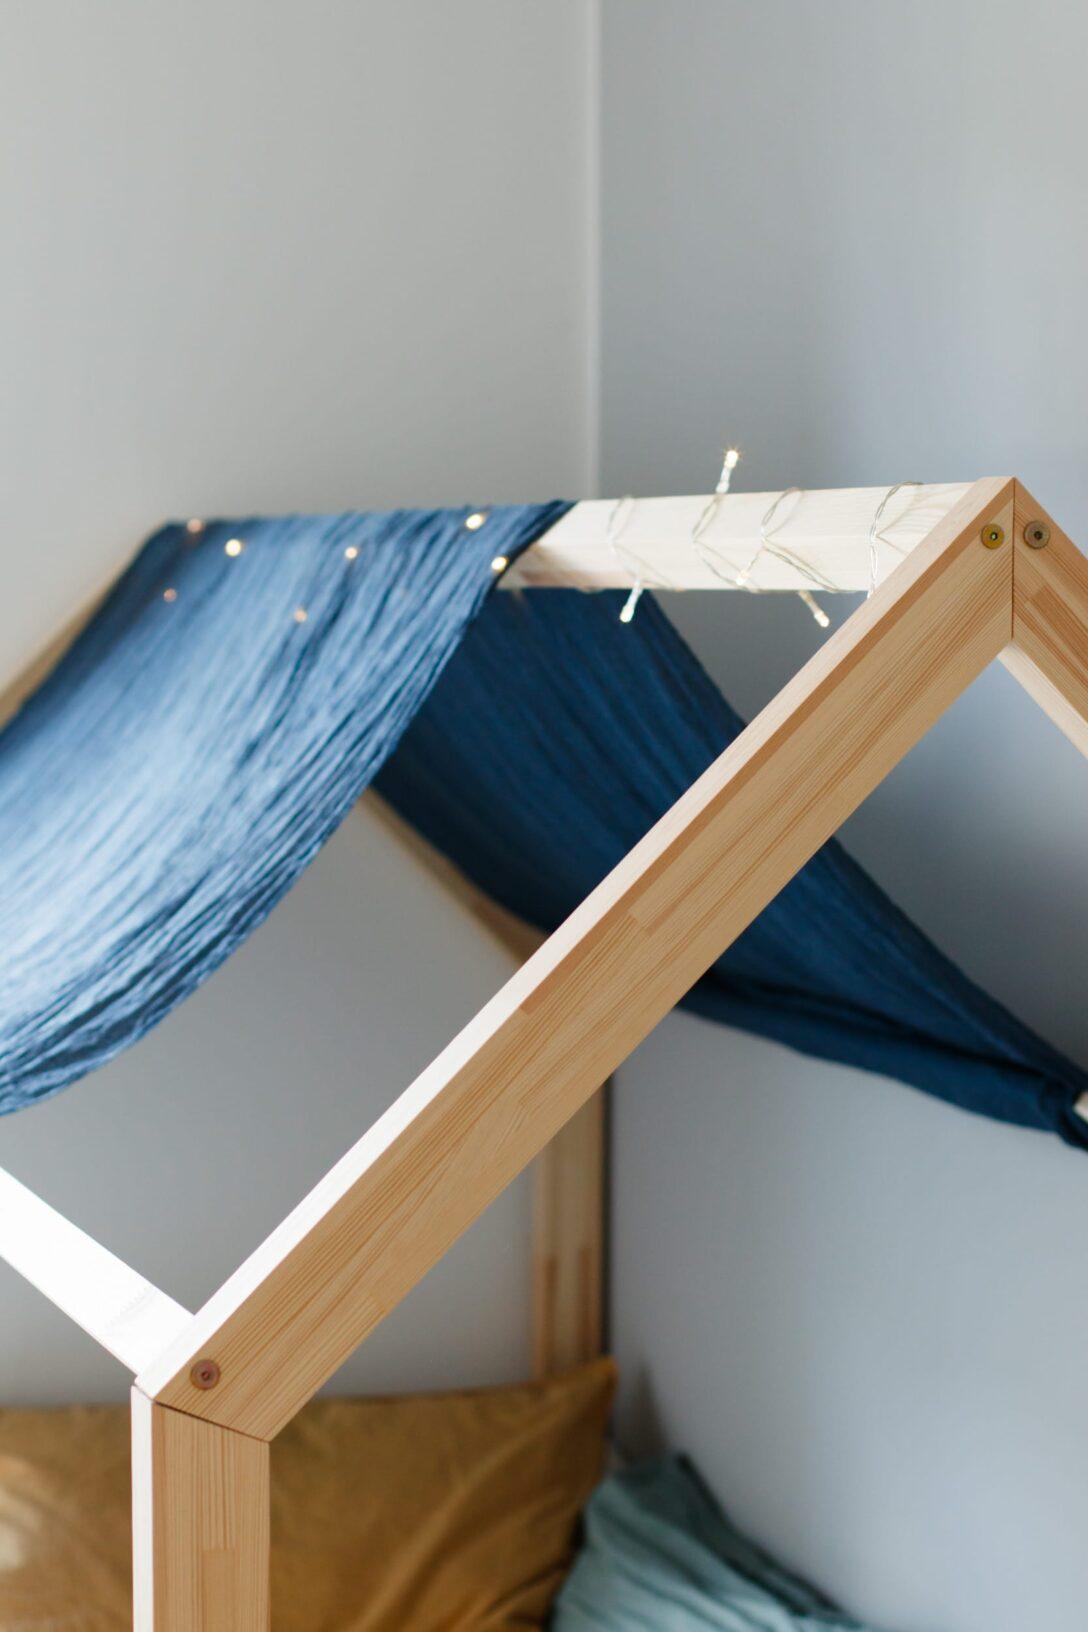 Large Size of Hausbett Fr Floor Bed Nach Maria Montessori Küche Selbst Zusammenstellen Rausfallschutz Bett Wohnzimmer Rausfallschutz Selbst Gemacht